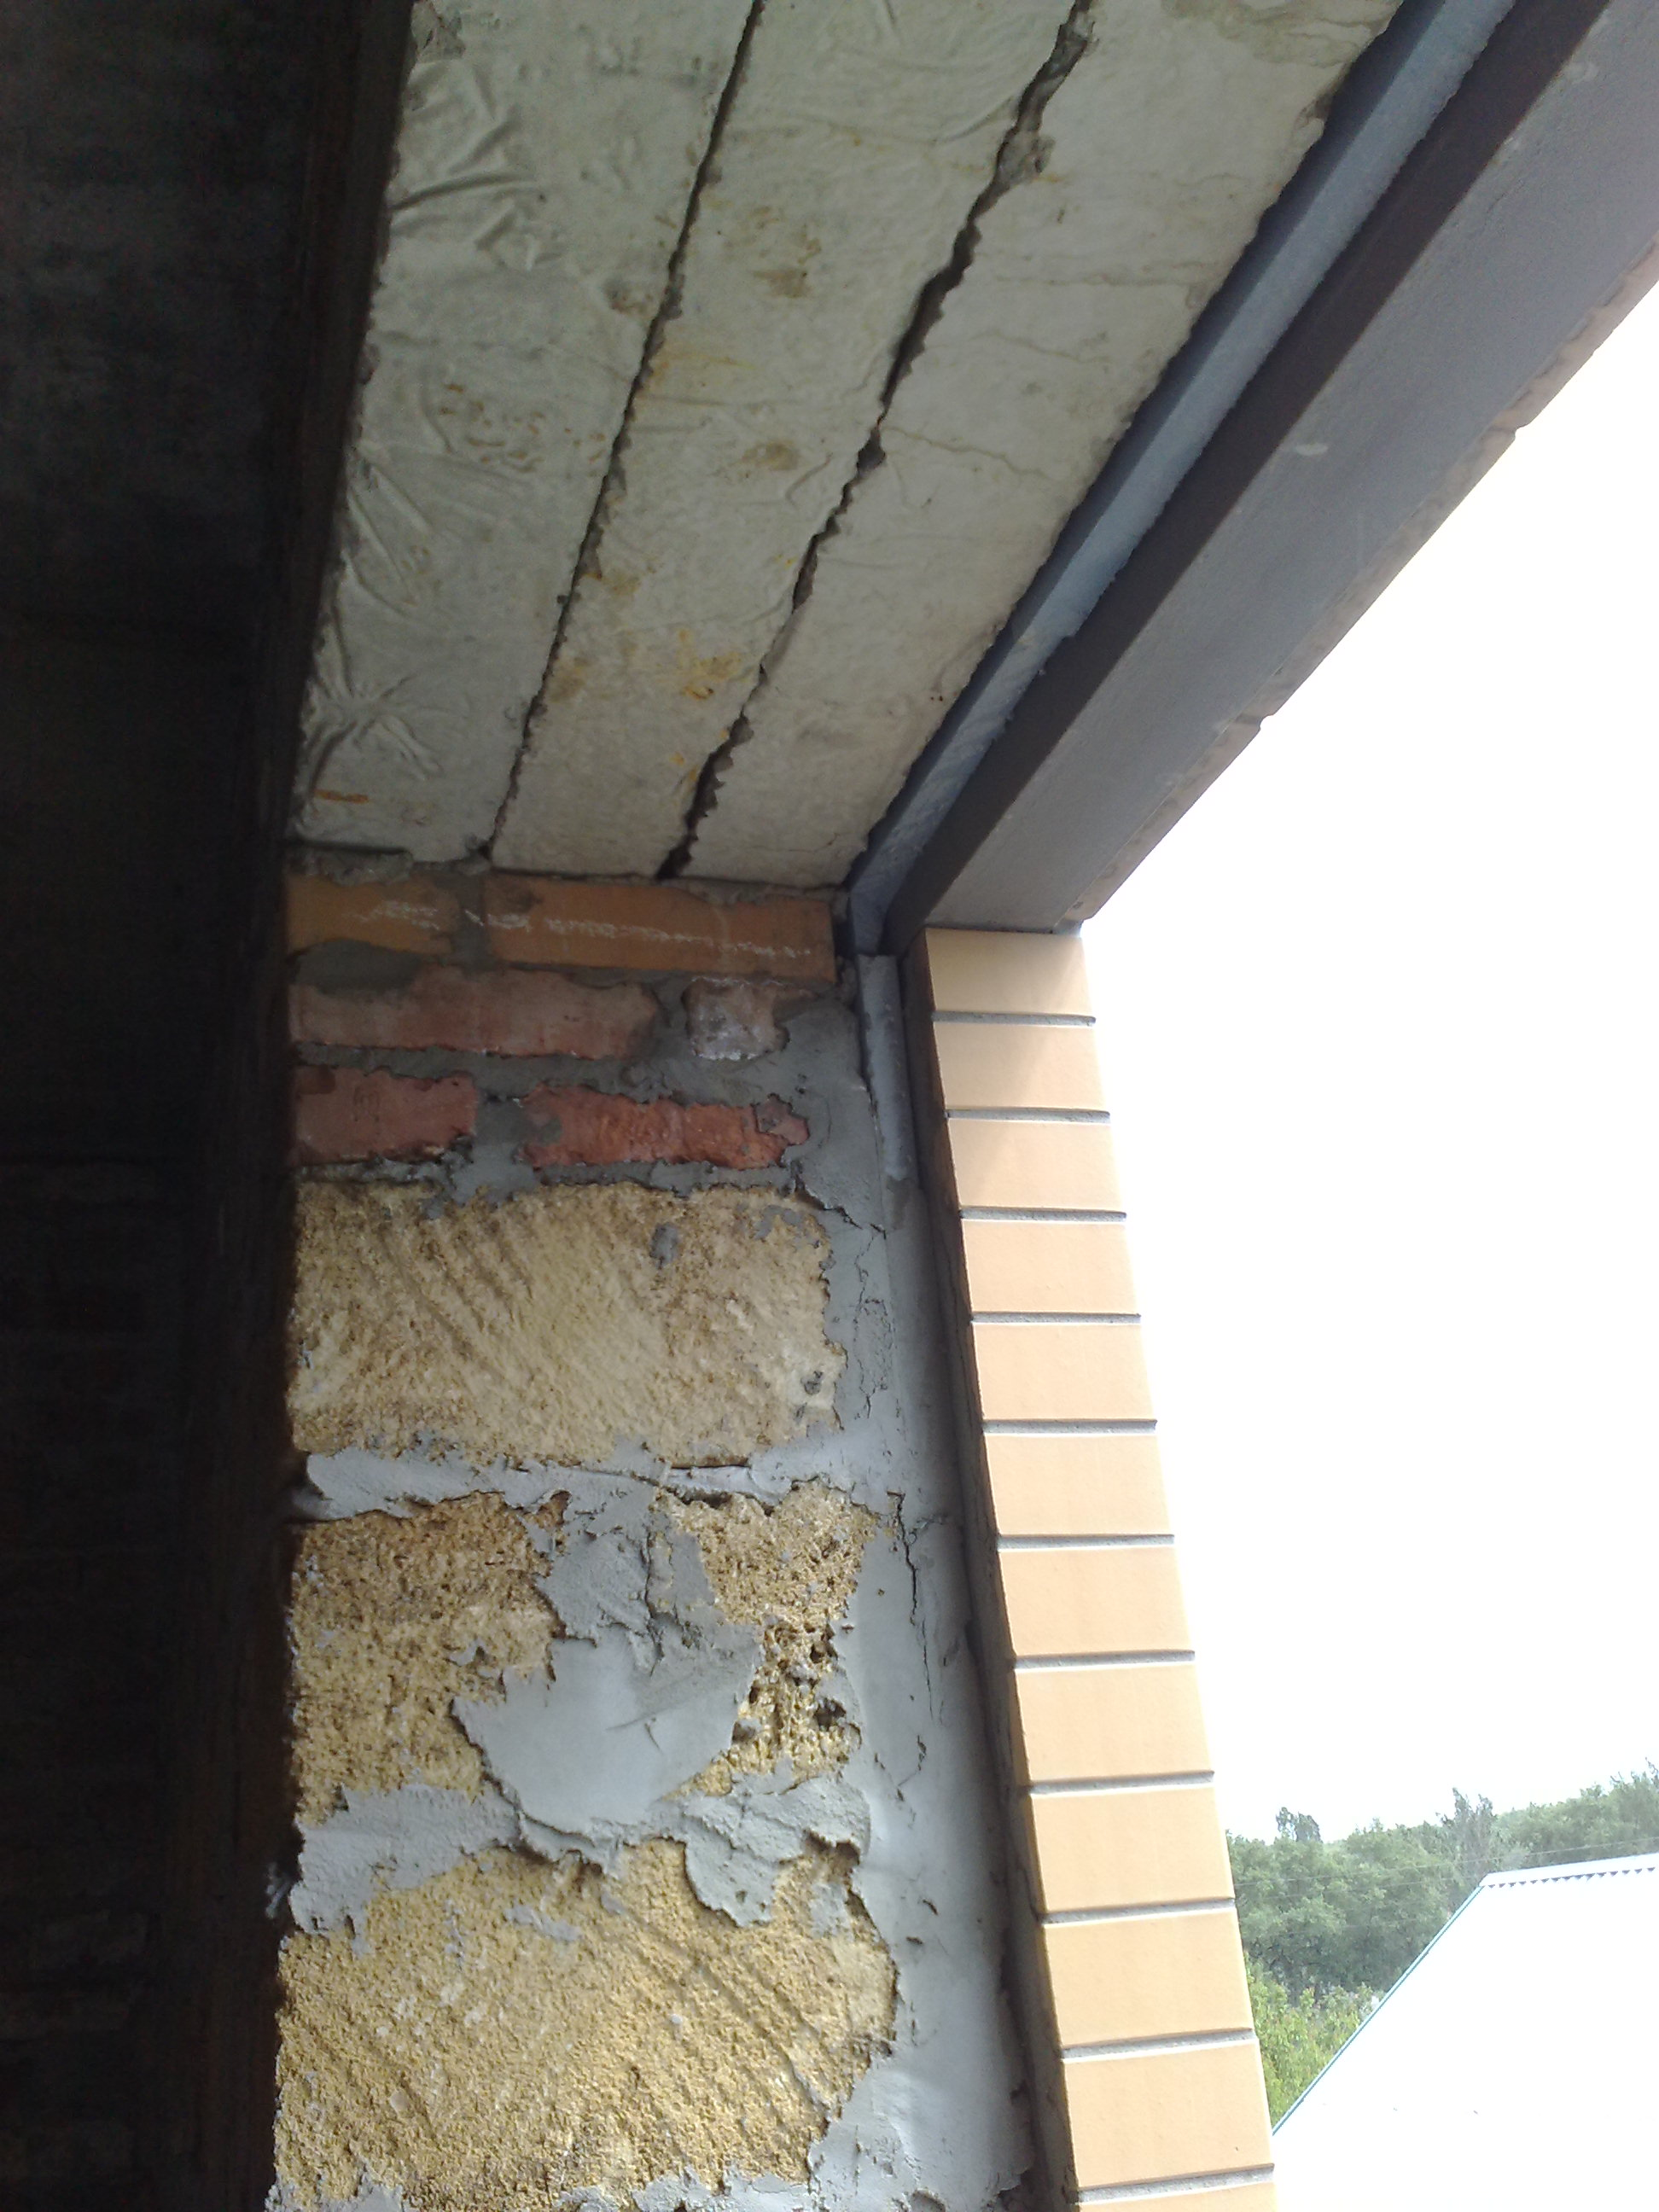 Скачать серия 2.130.6-кр-1 детали кирпичных стен для капитального ремонта и реконструкции жилых зданий